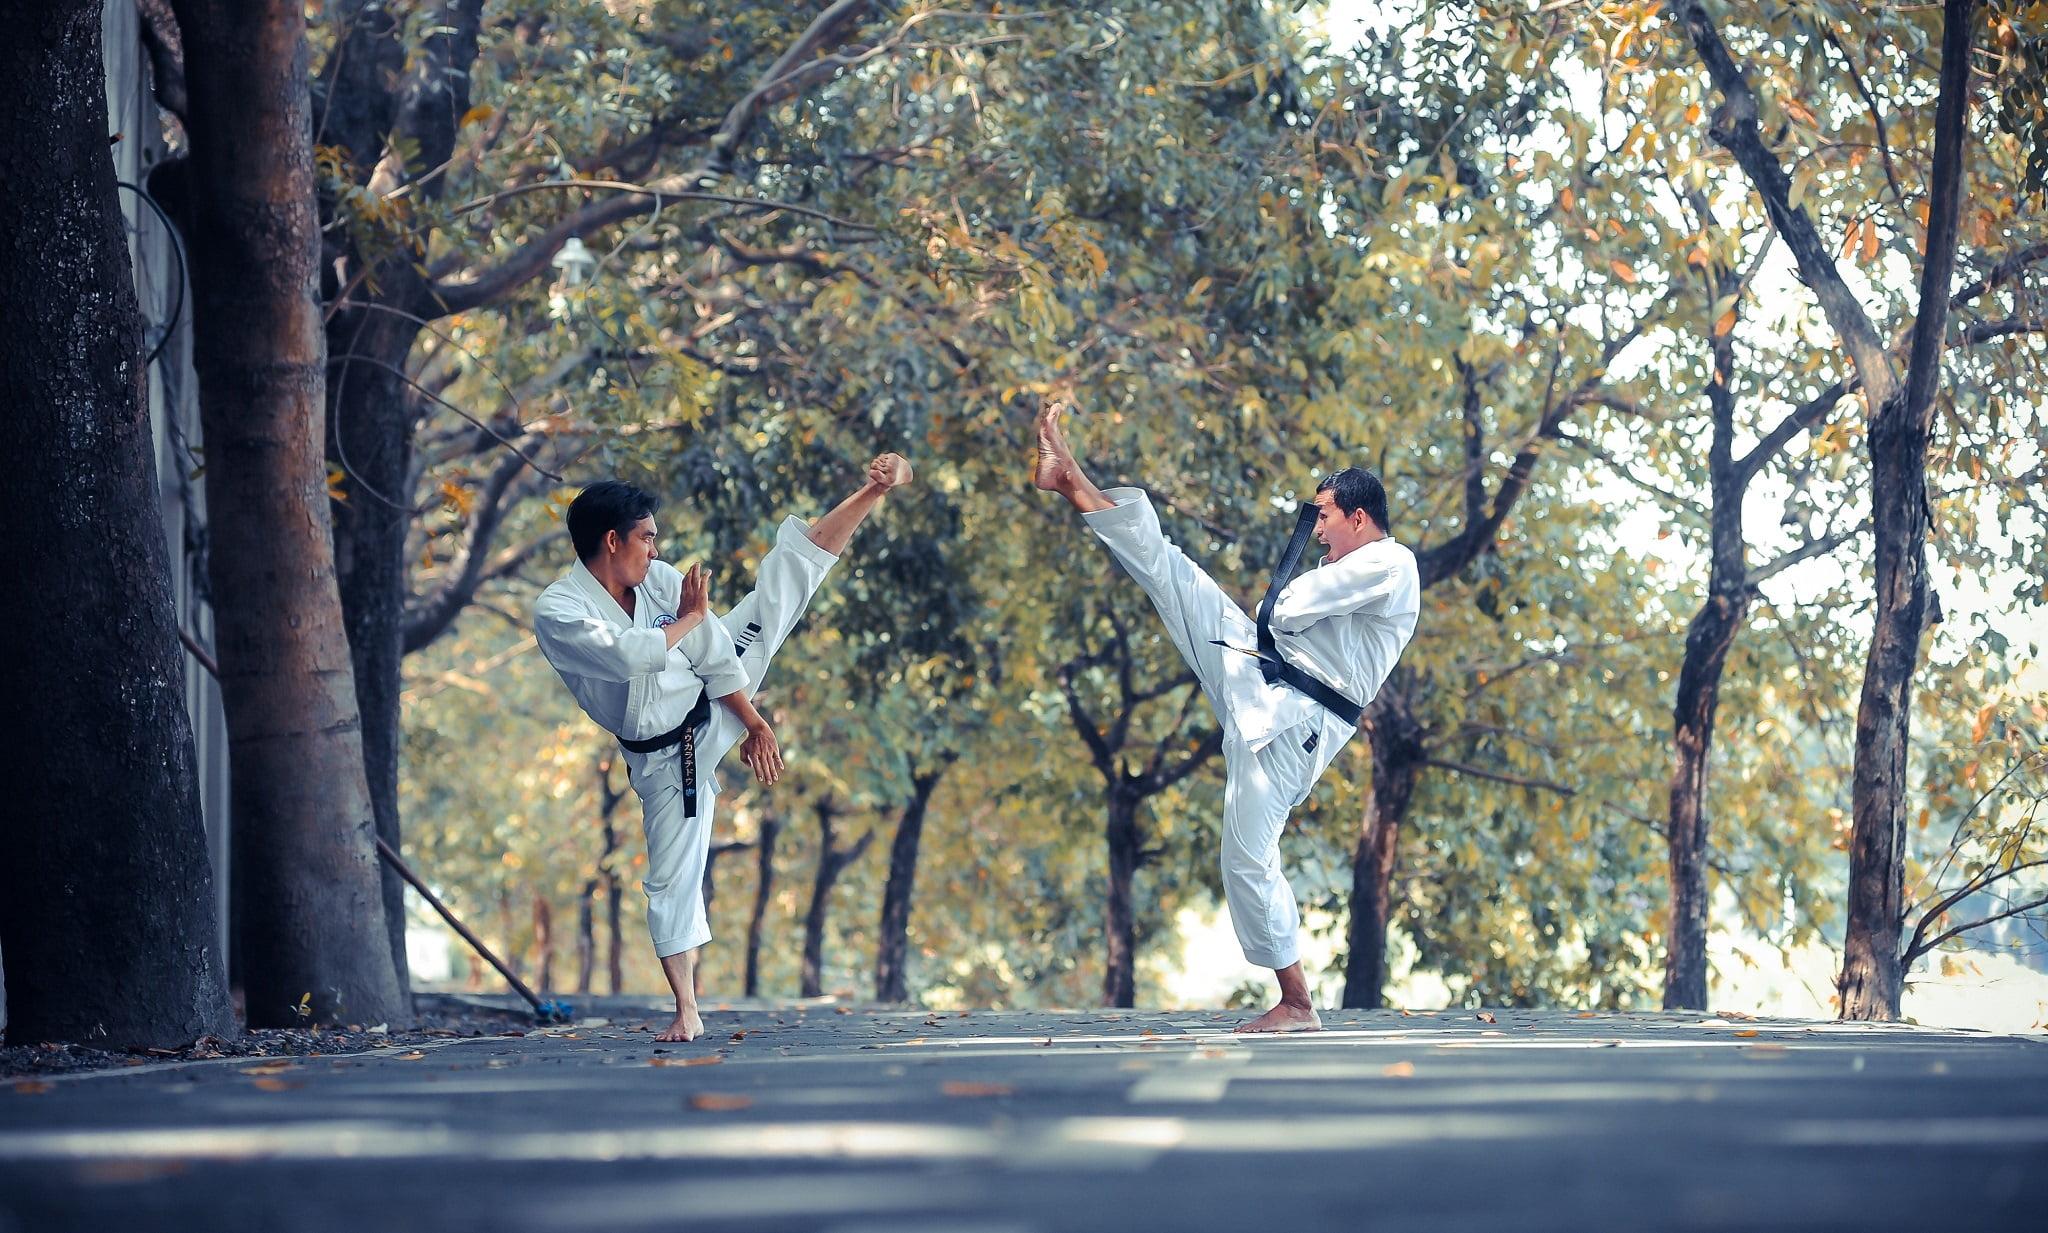 DSC 1122 - Chụp ảnh võ thuật ở KDL Thủy Châu